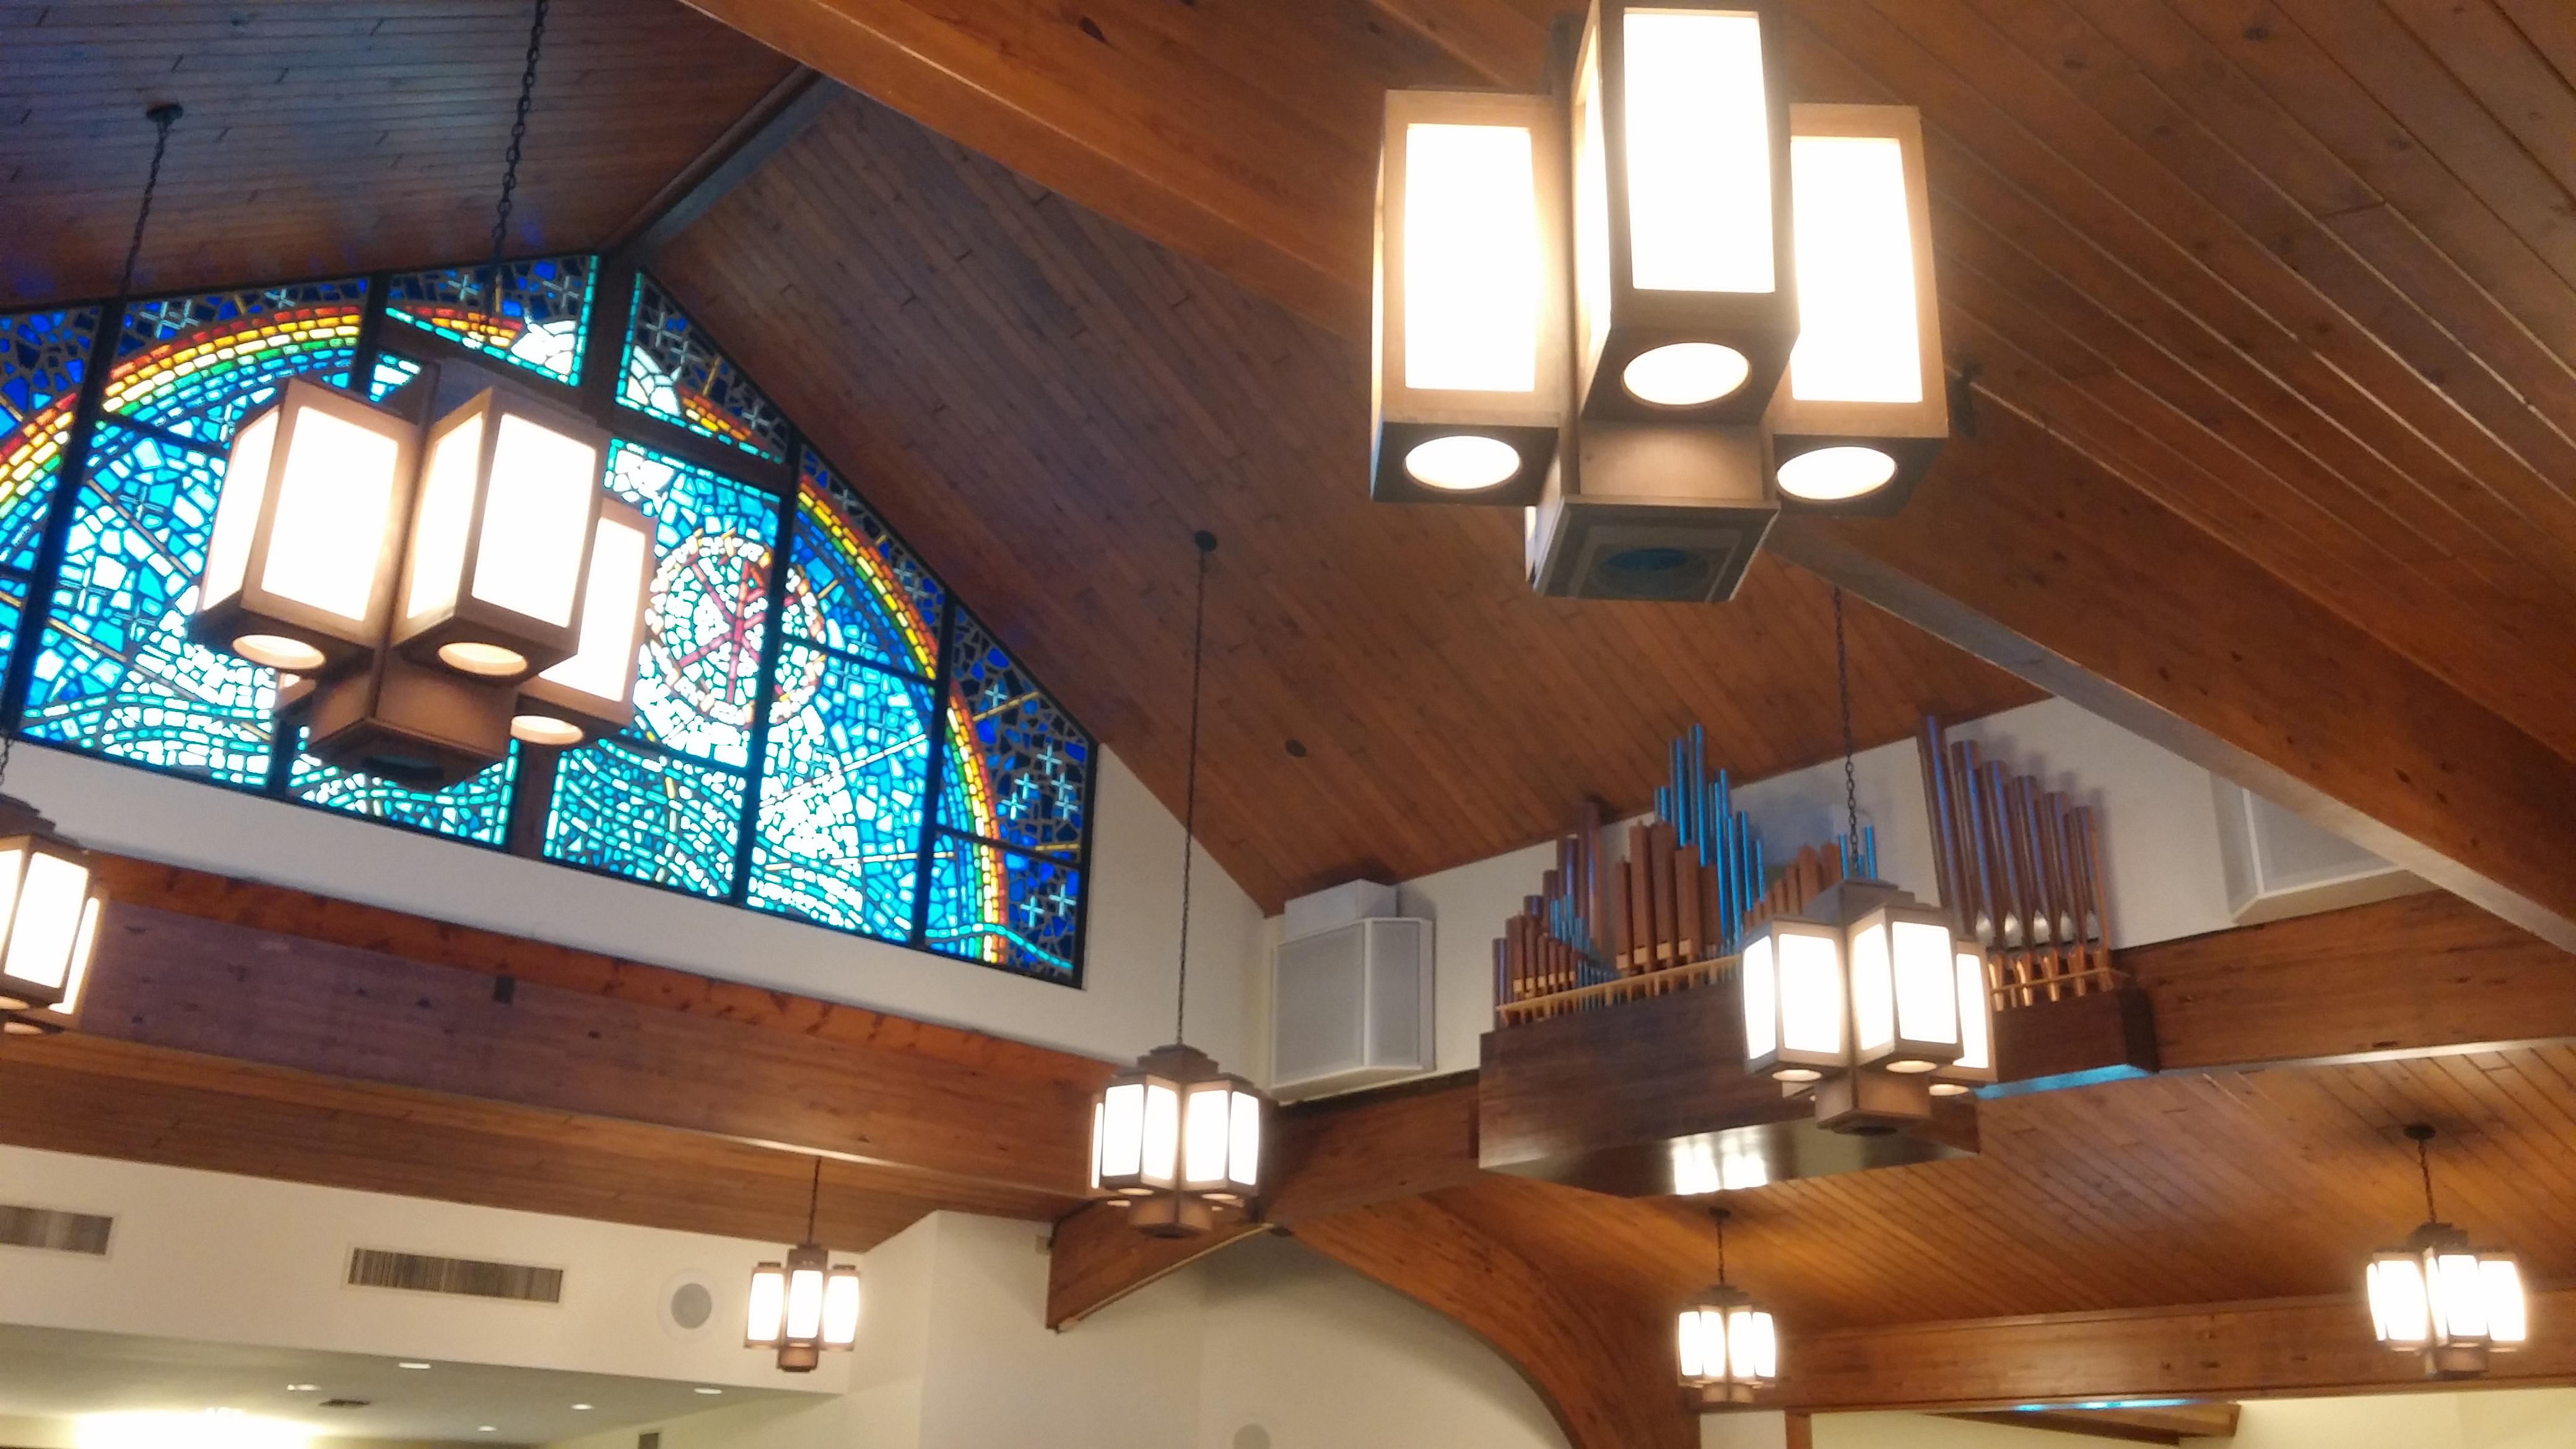 Our Savior Lutheran Church Vero Beach Fl